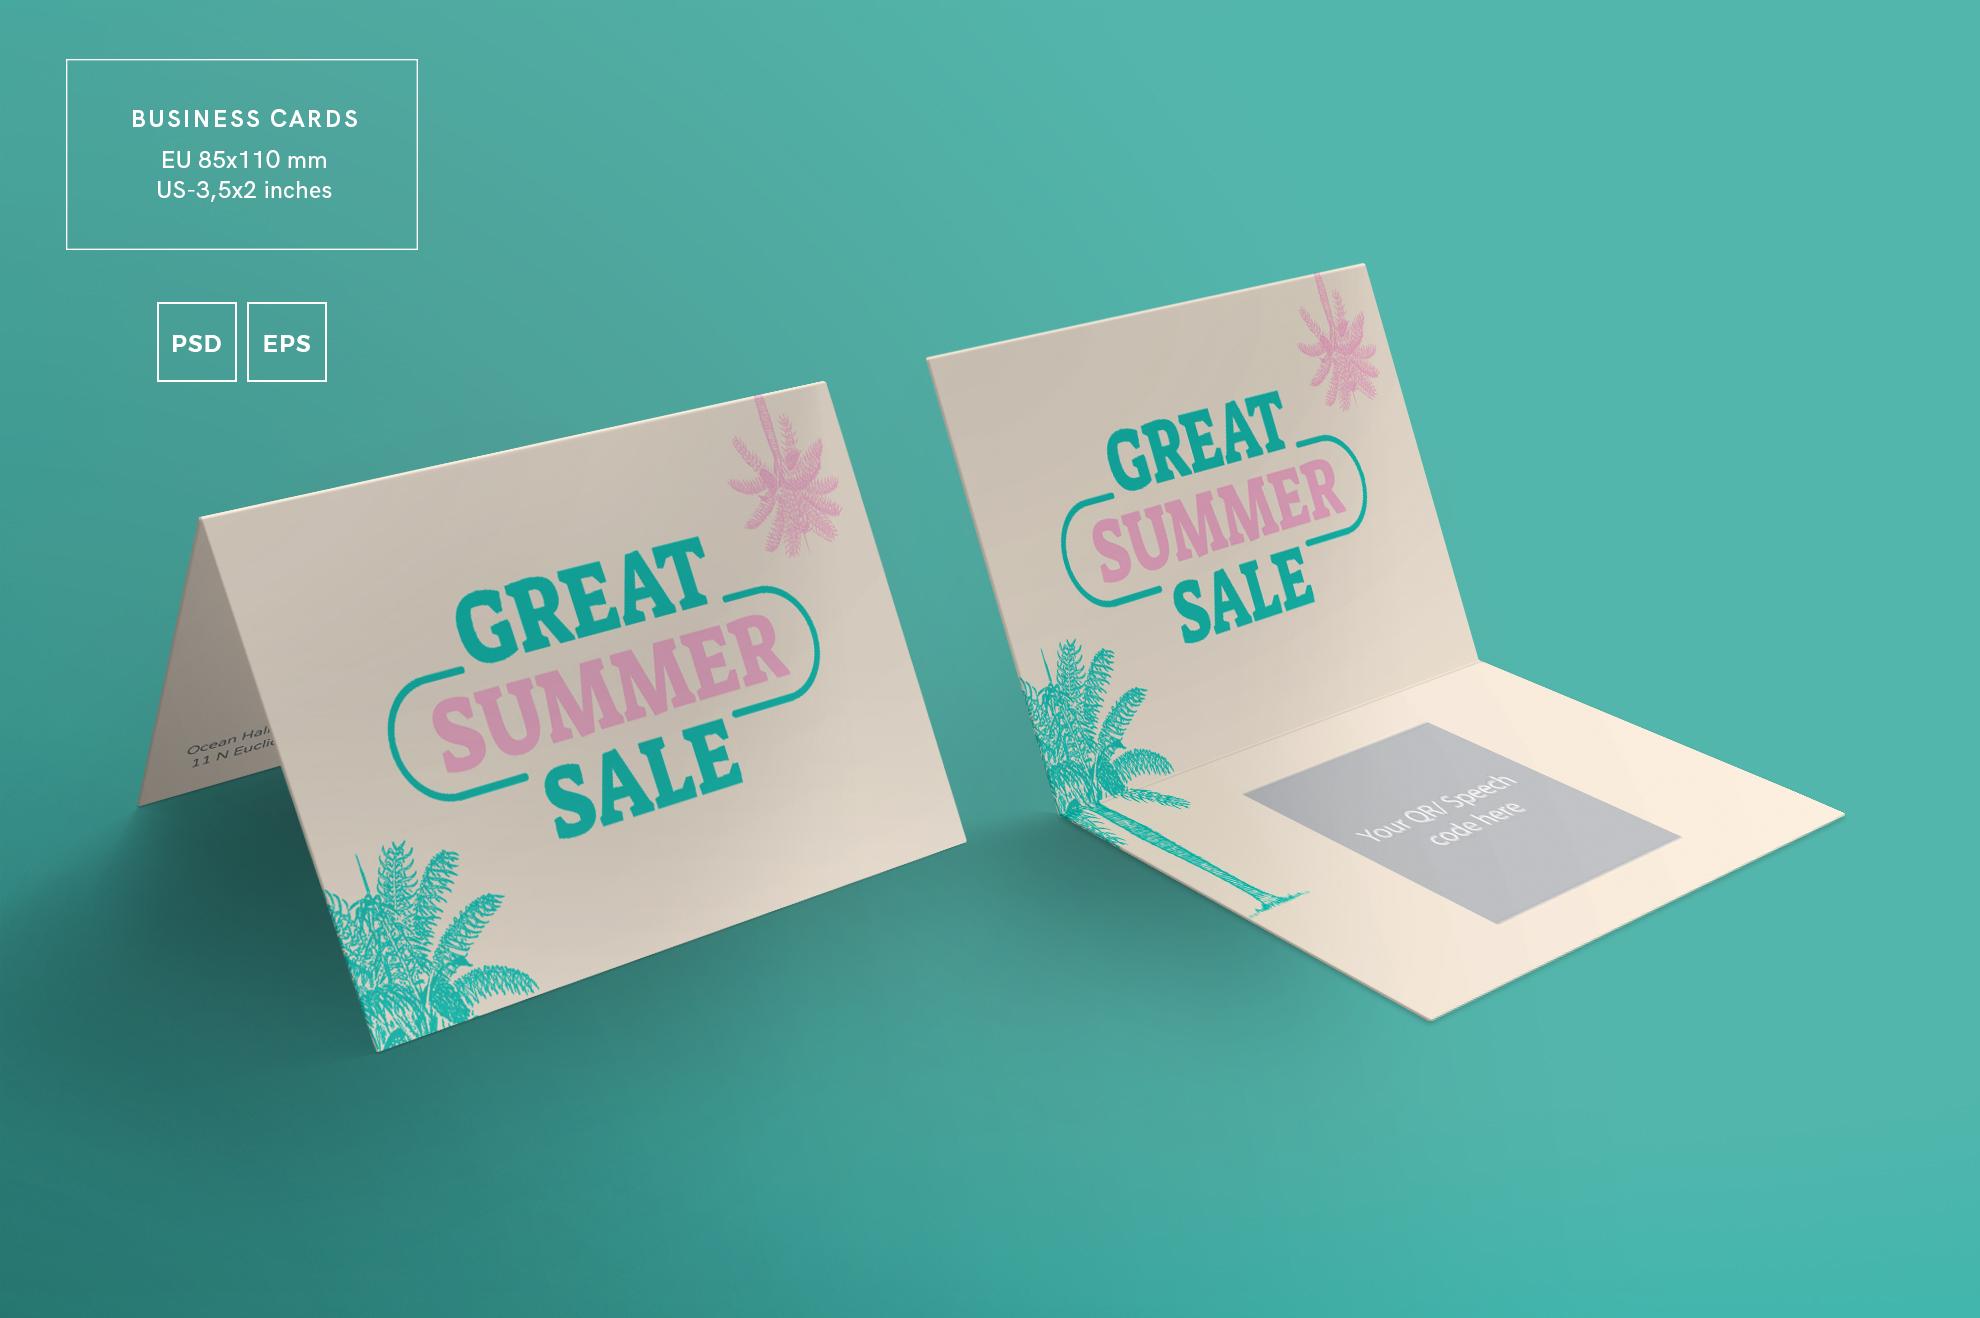 Great Summer Sale Business Card Design | Design Bundles